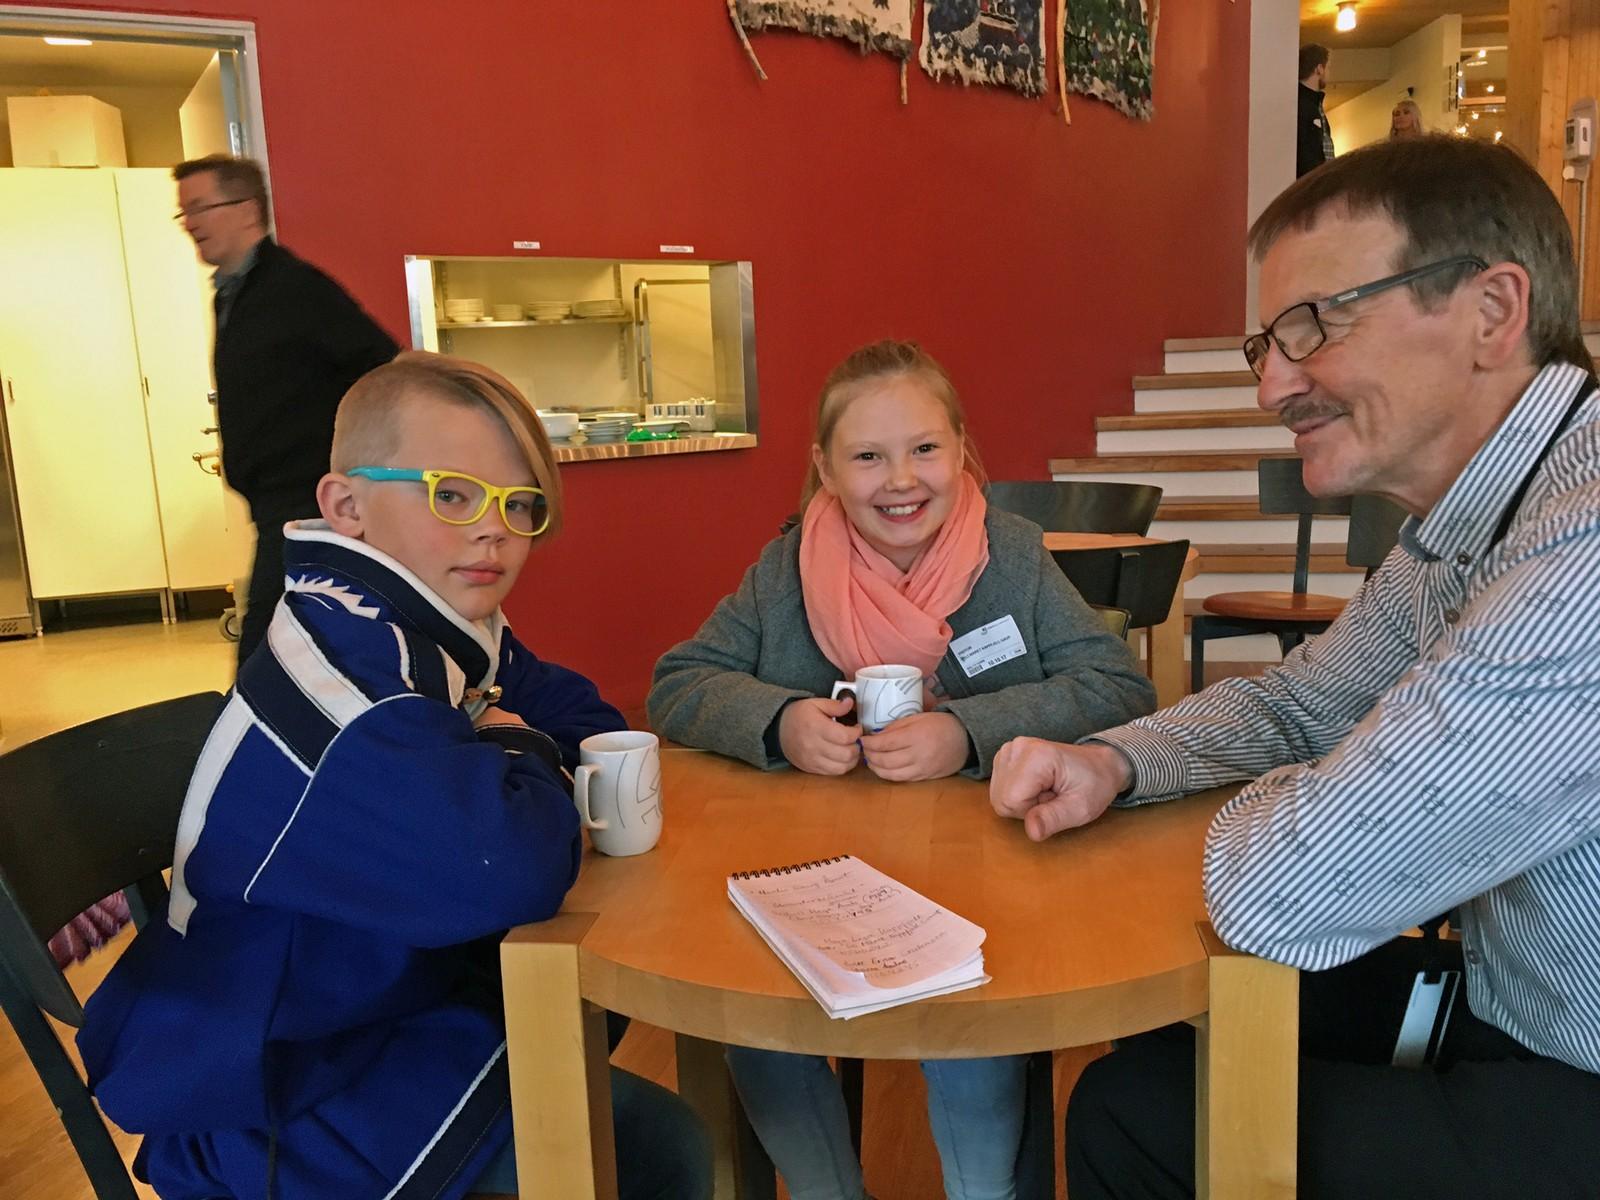 MØTE: Storm Andre Christensen (10), Eli Máret Kappfjell Gaup (9) og Kåre Balto fra Sametingets administrasjon snakker om hvordan det blir å møte Kongen.